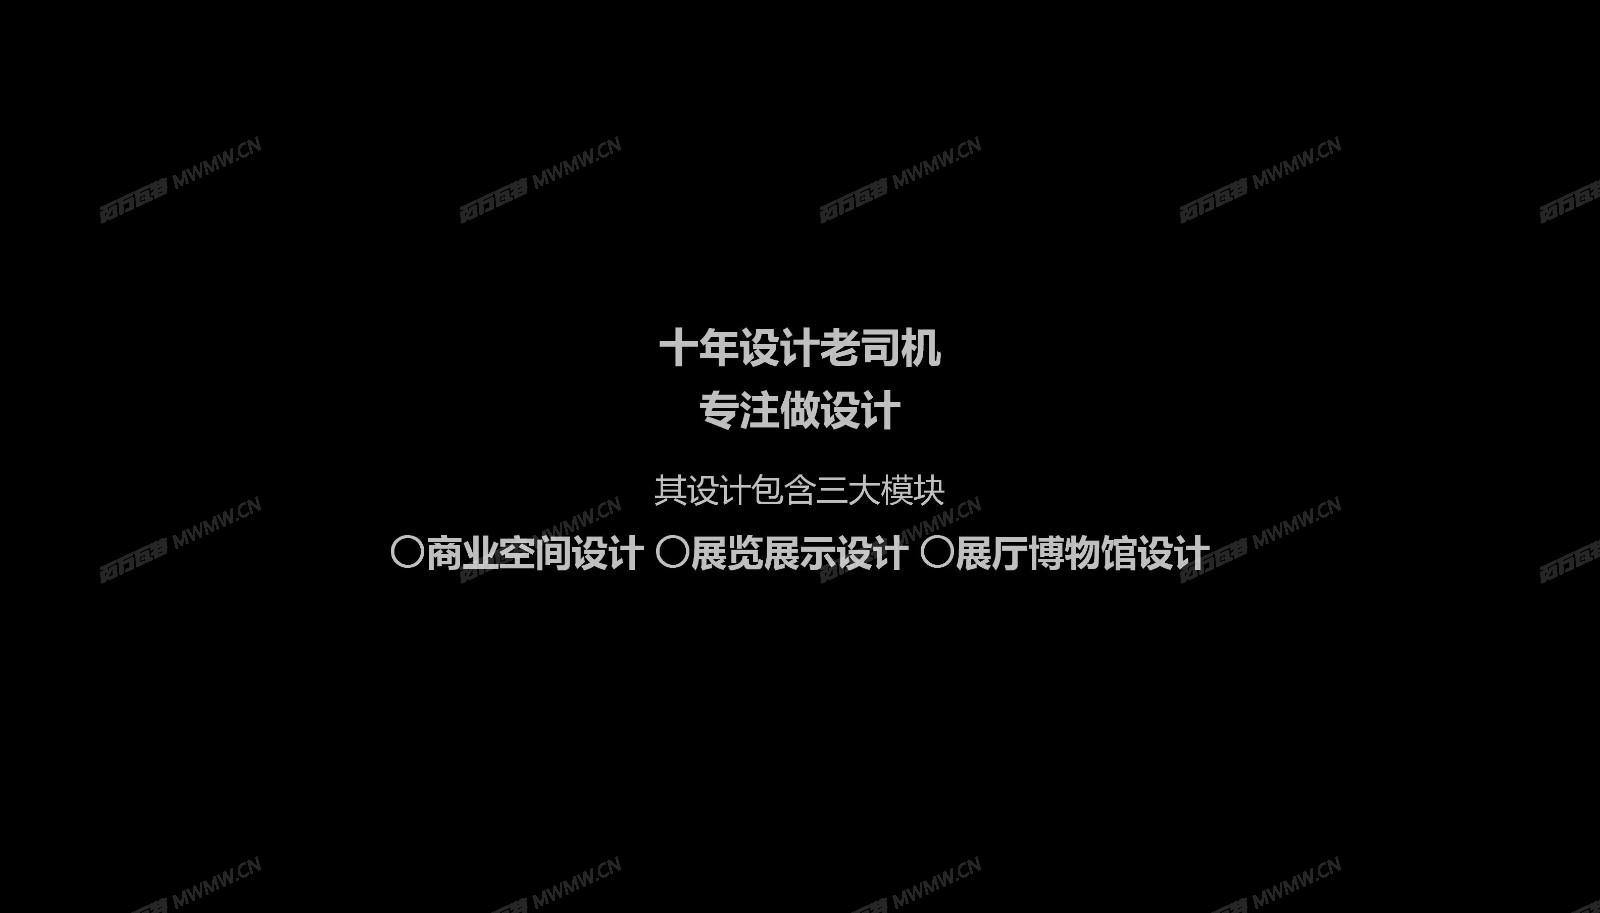 陈杰作品集_02.jpg